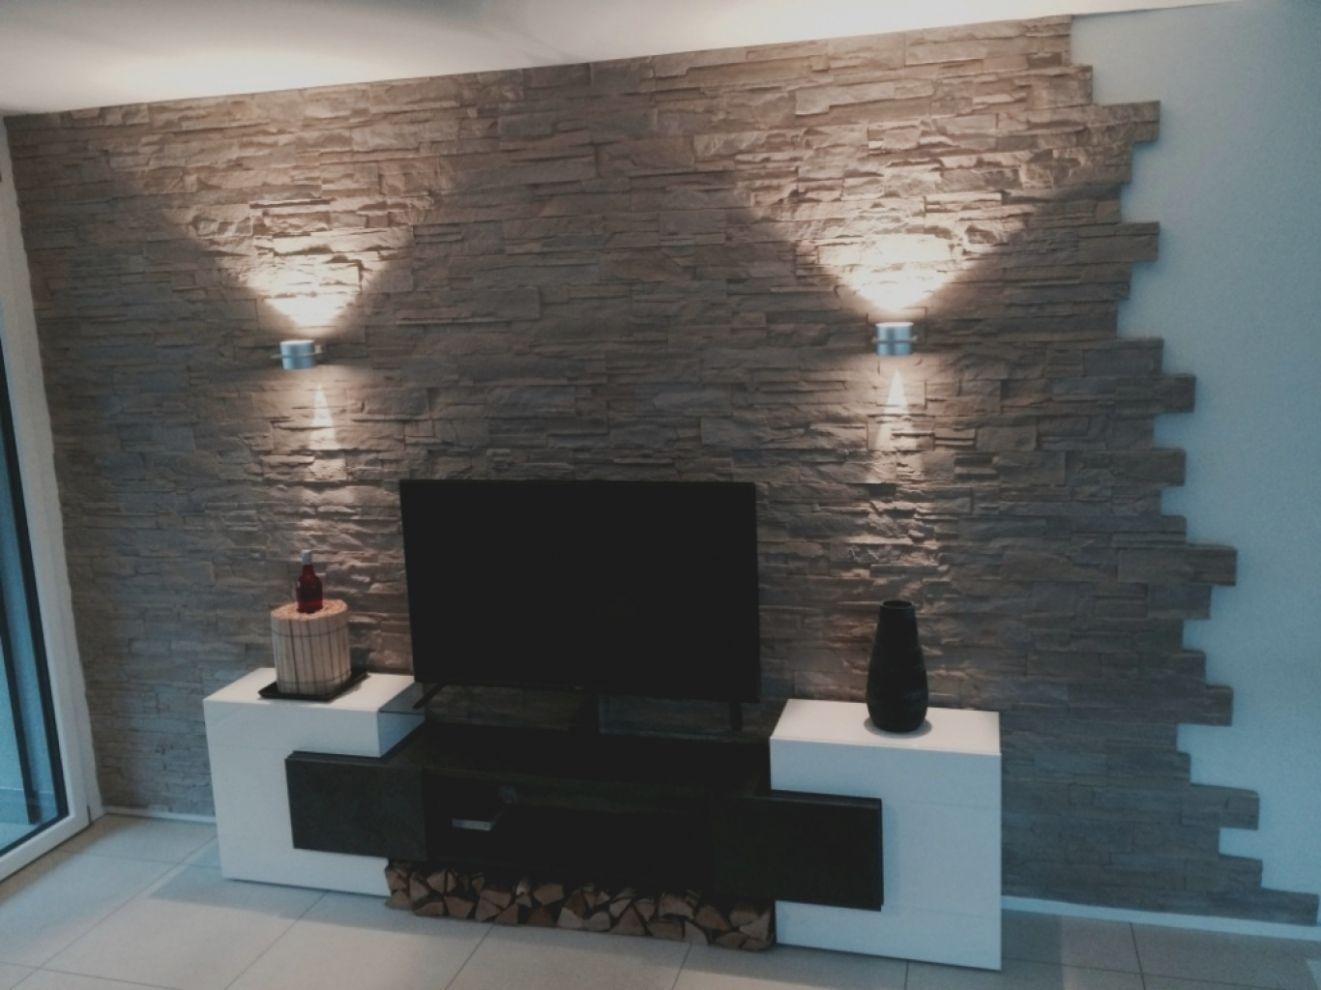 Wohnideen Tapeten Ideen Steinwand Wohnzimmer Stilvolle Wohnzimmer Wandgestaltung Wohnzimmer